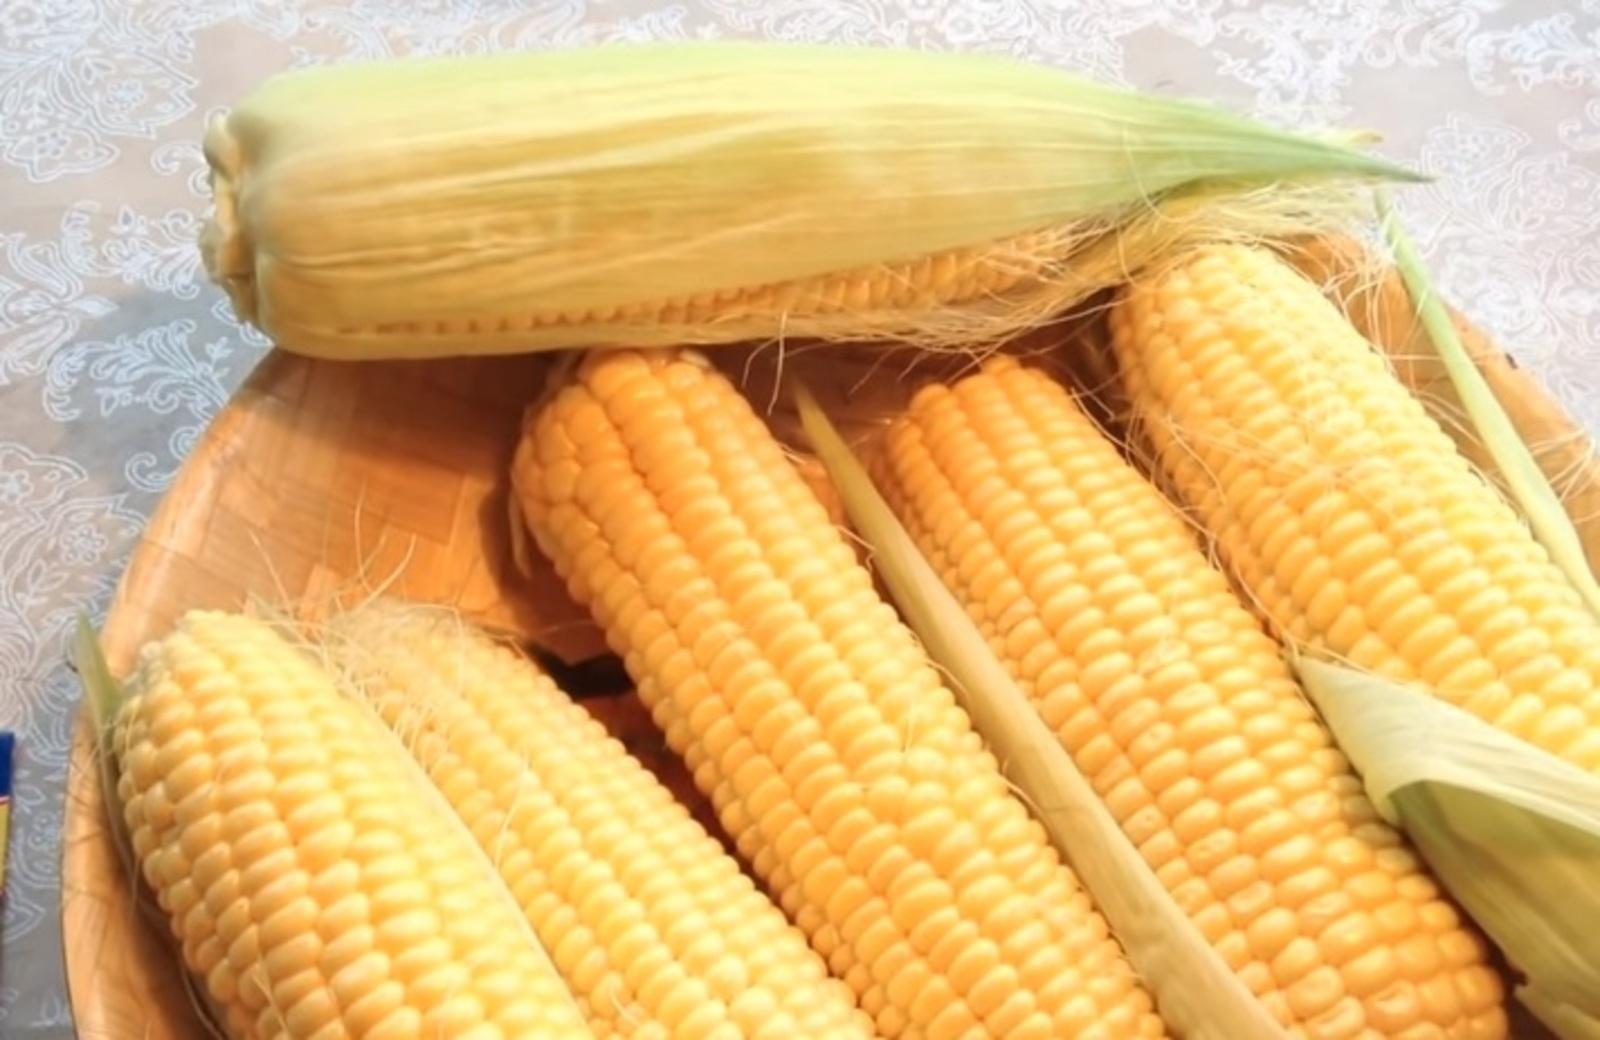 По словам специалиста, люди, которые едят генно-модифицированную кукурузу, могутпострадать от тех пестицидов, которые используются при выращивании / Скриншот с видео на youtube/Огород, где все растет